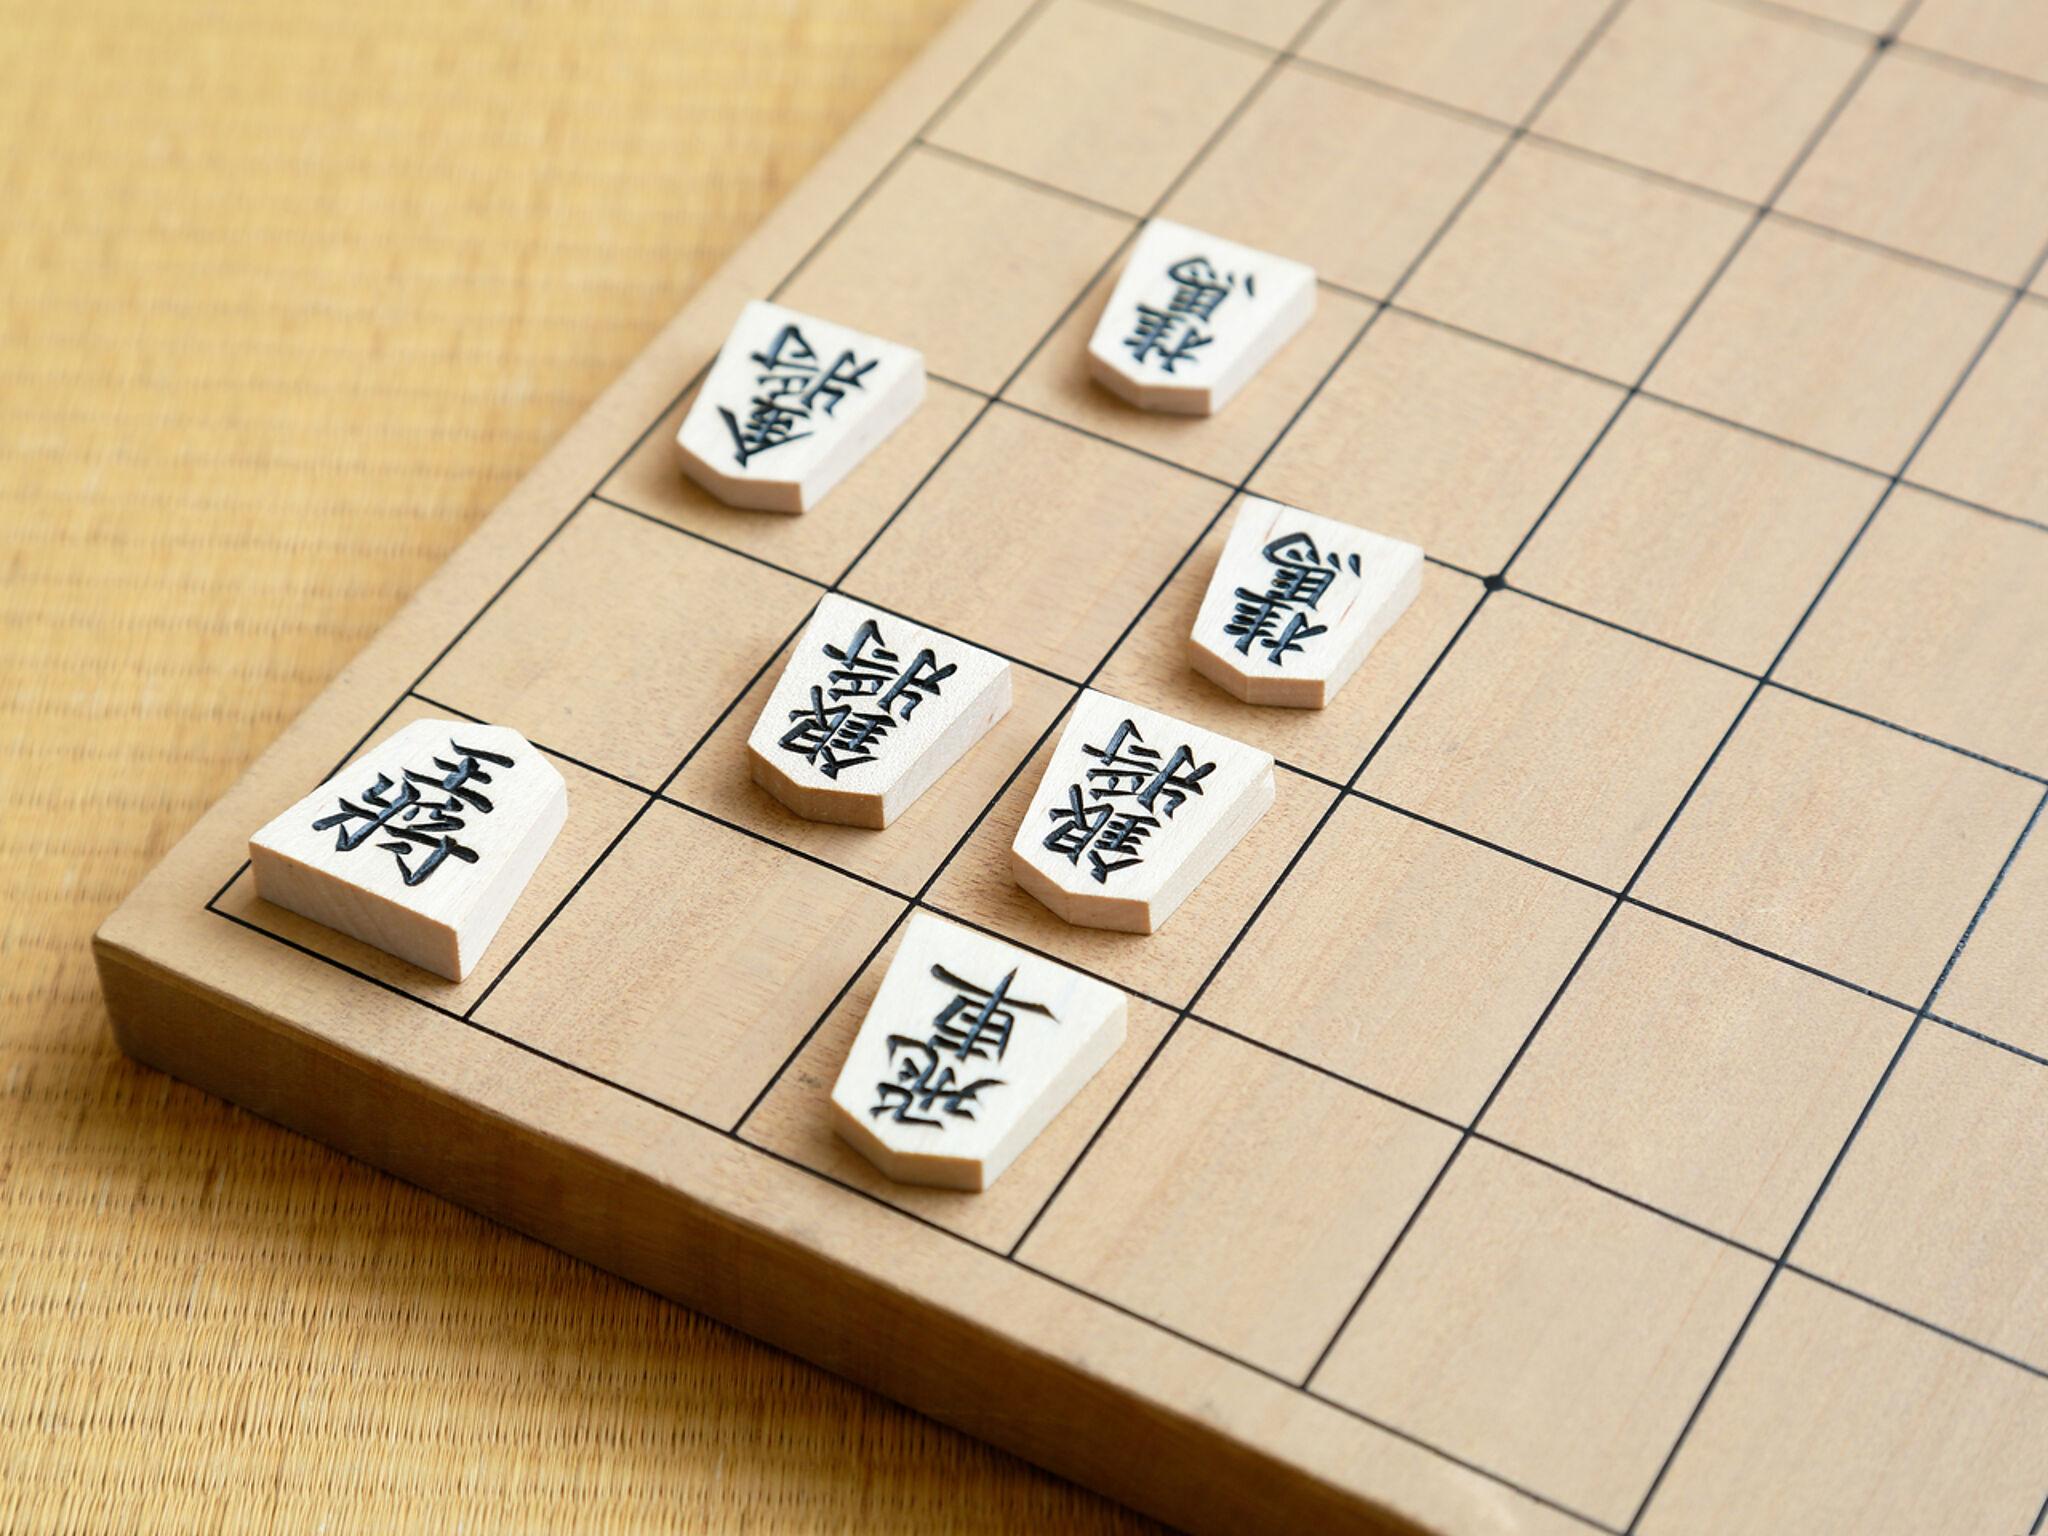 将棋盤の上の端に駒が置いてある画像